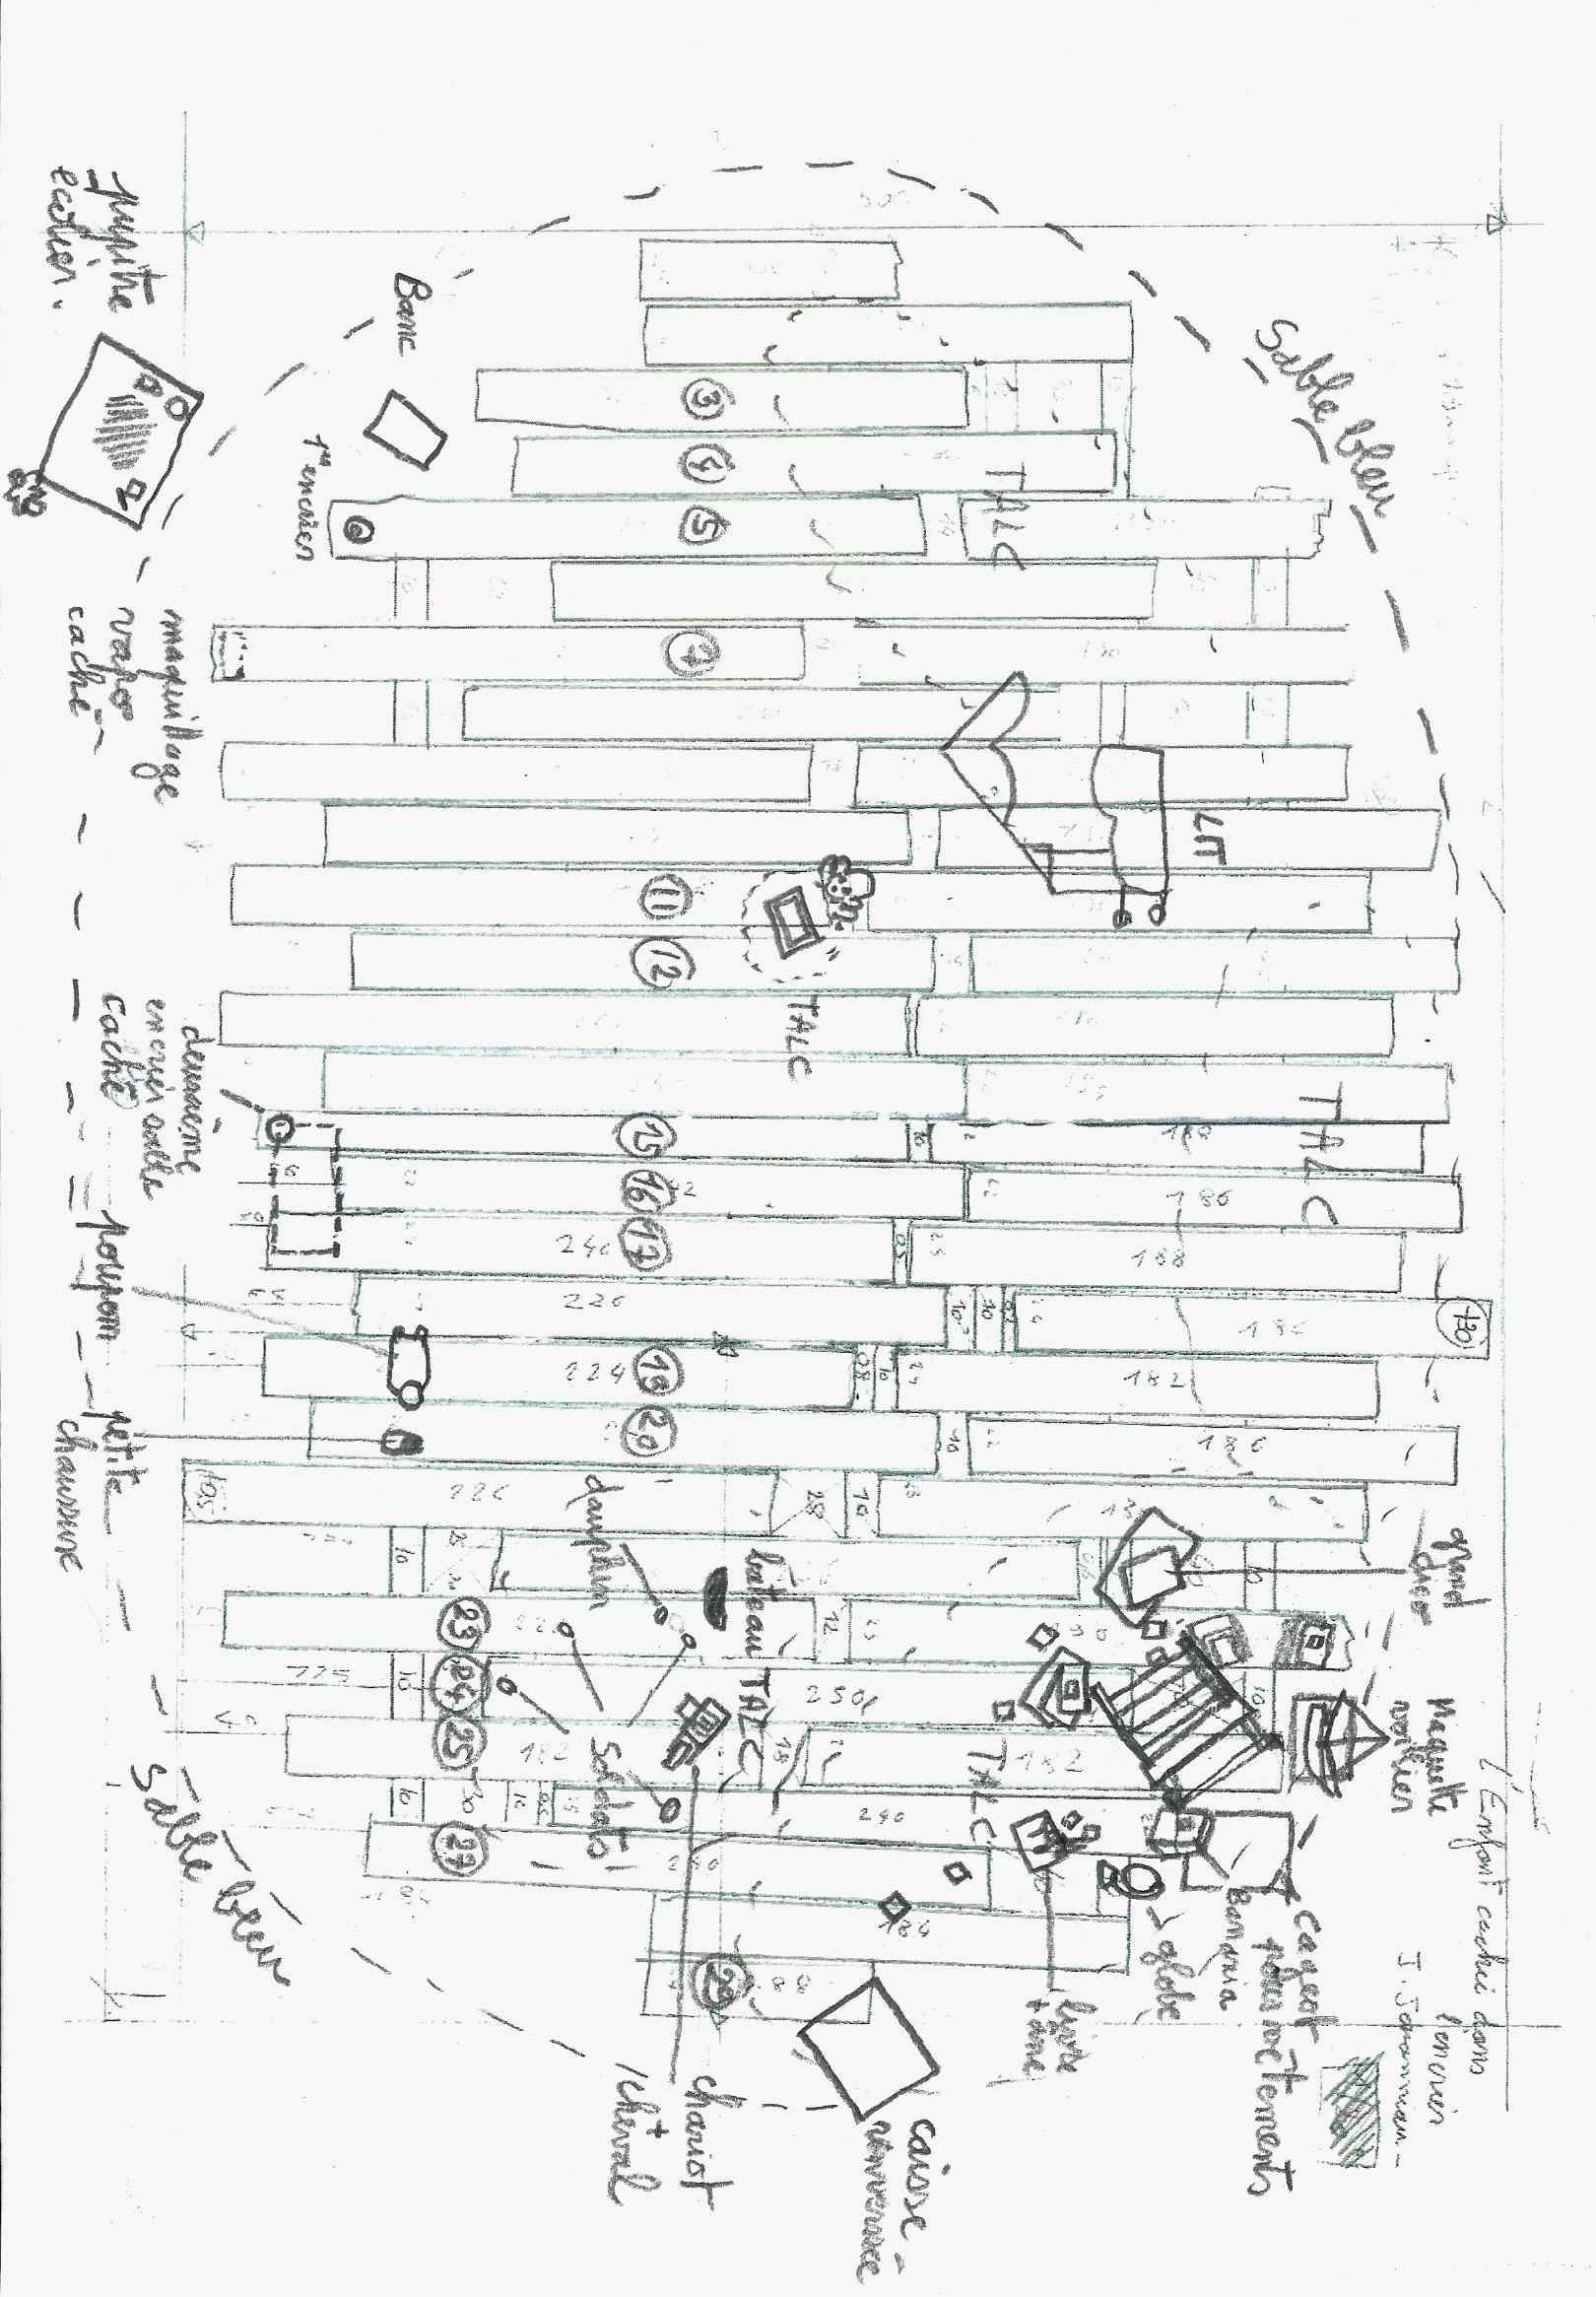 plan du plancher avec mise accessoires